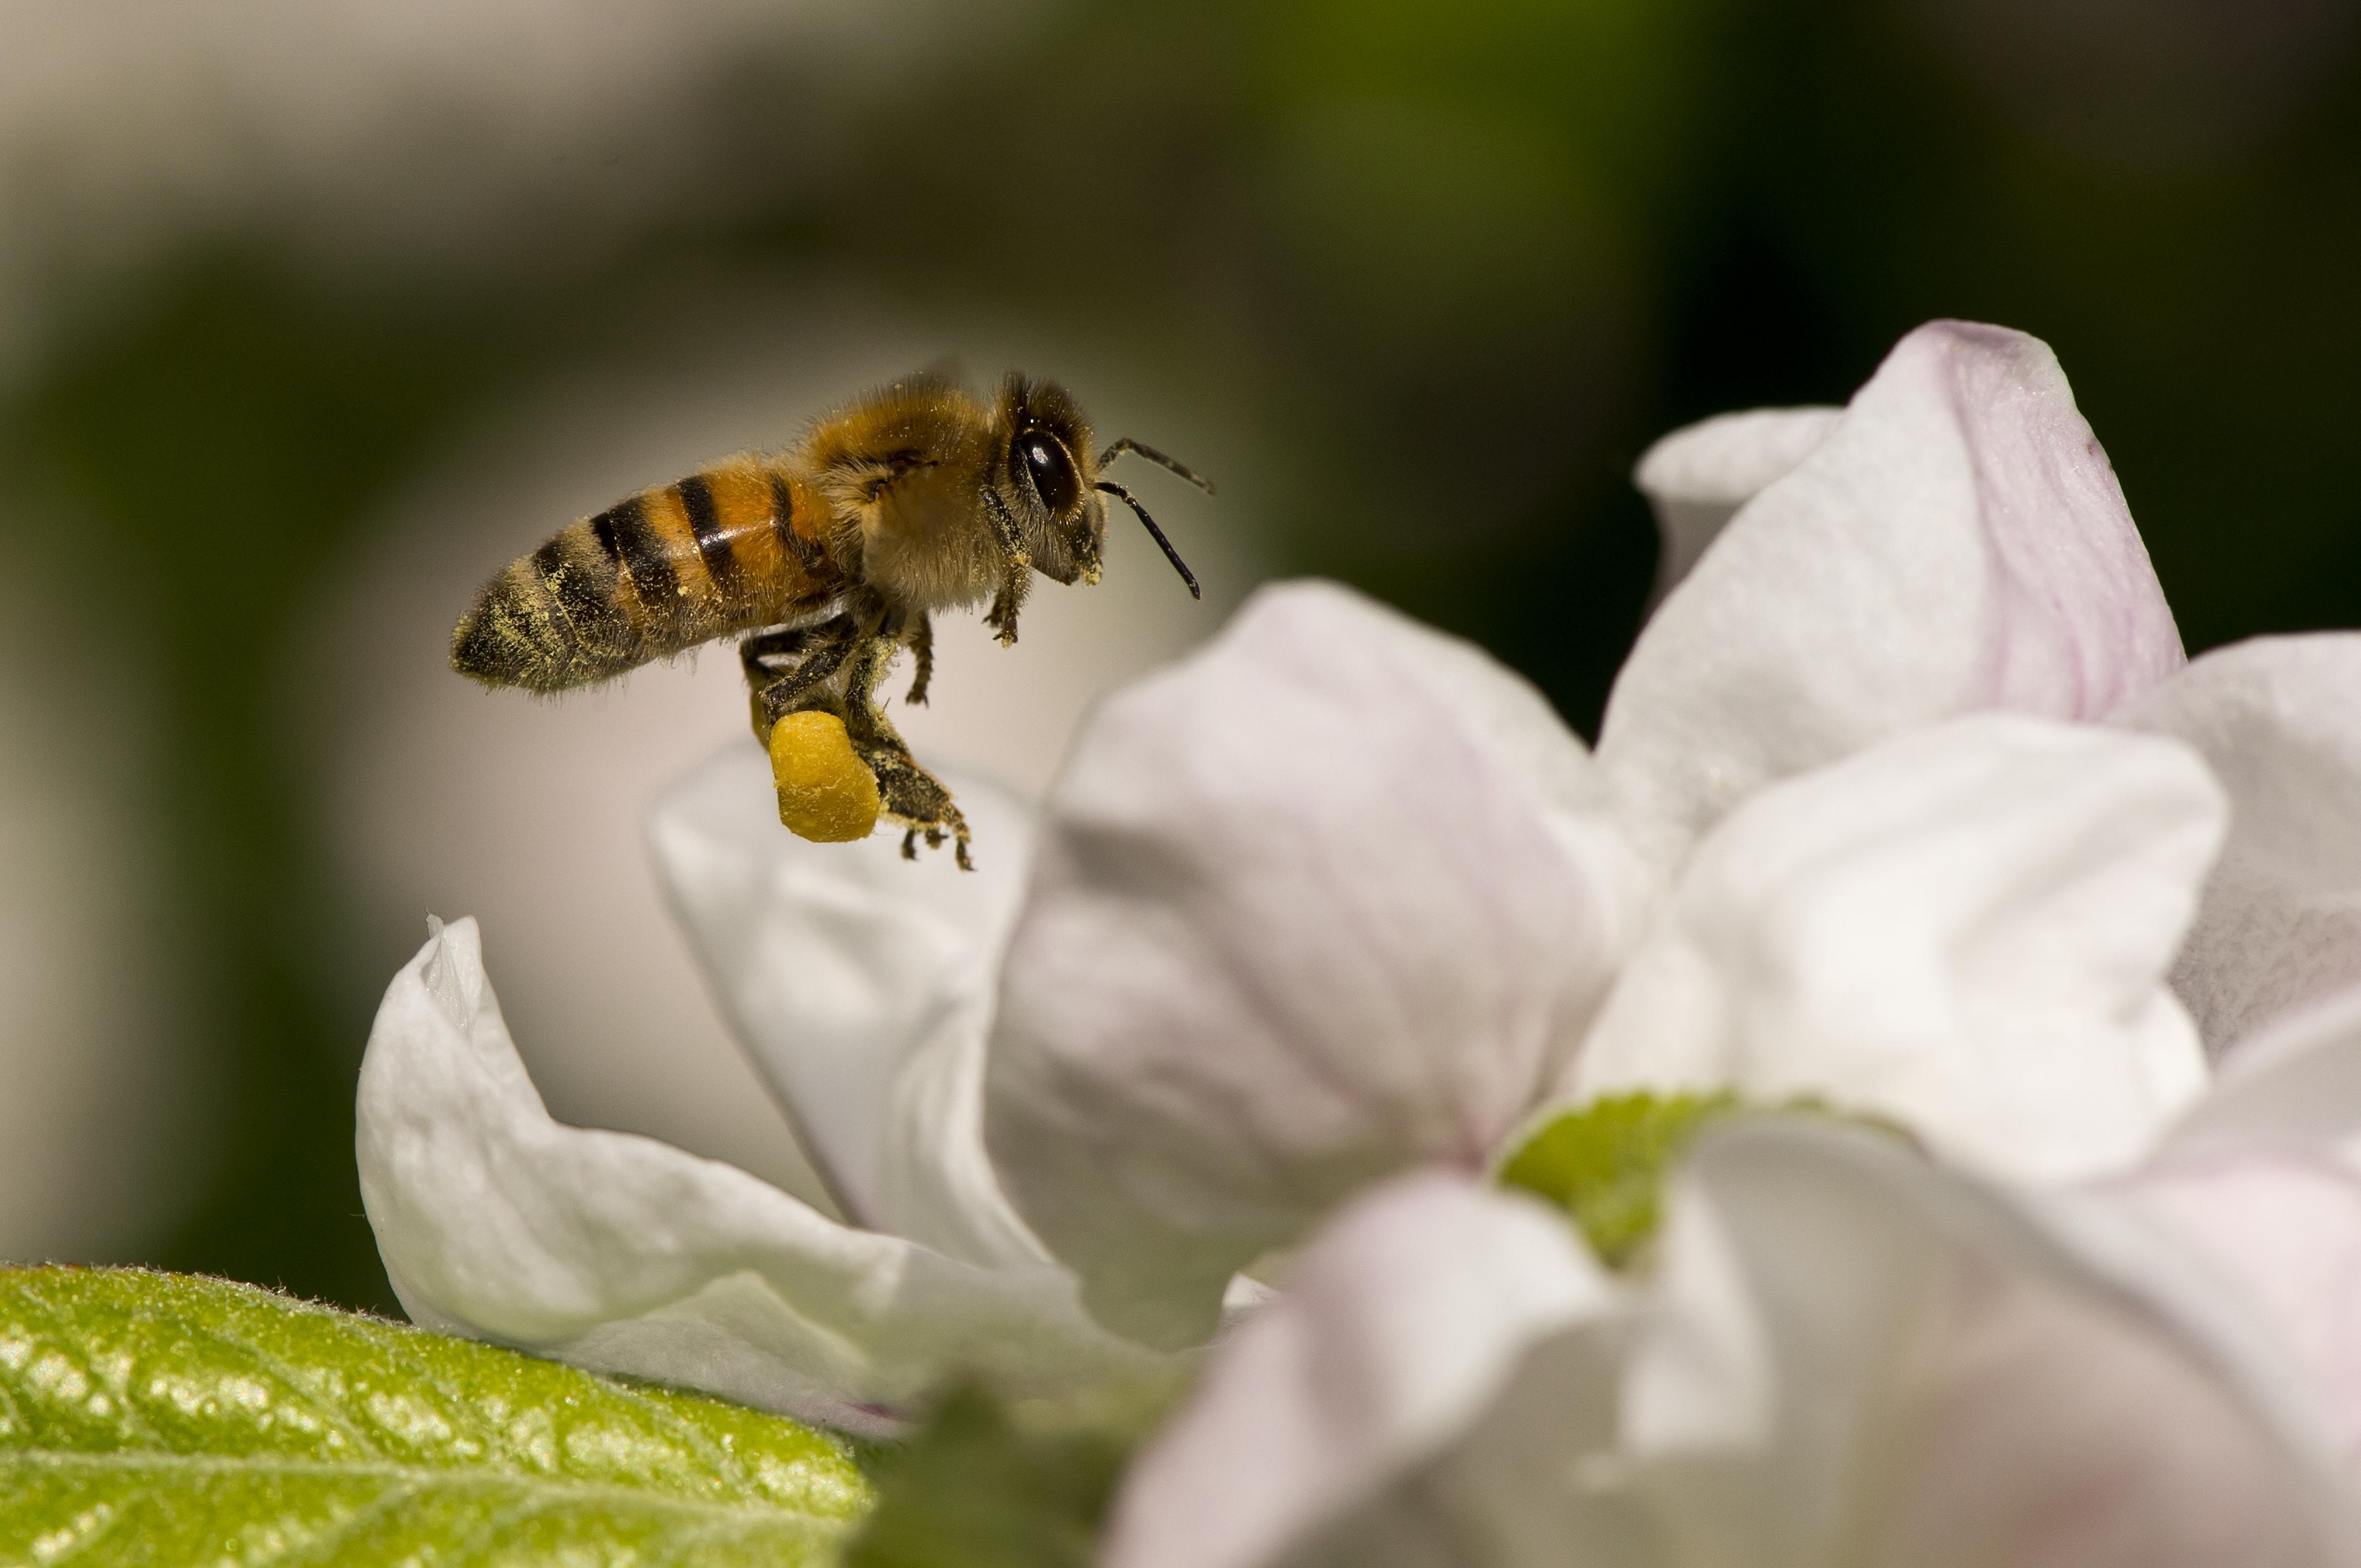 Ökológiai Armageddontól tartanak a repülő rovarok számának drámai visszaesése miatt